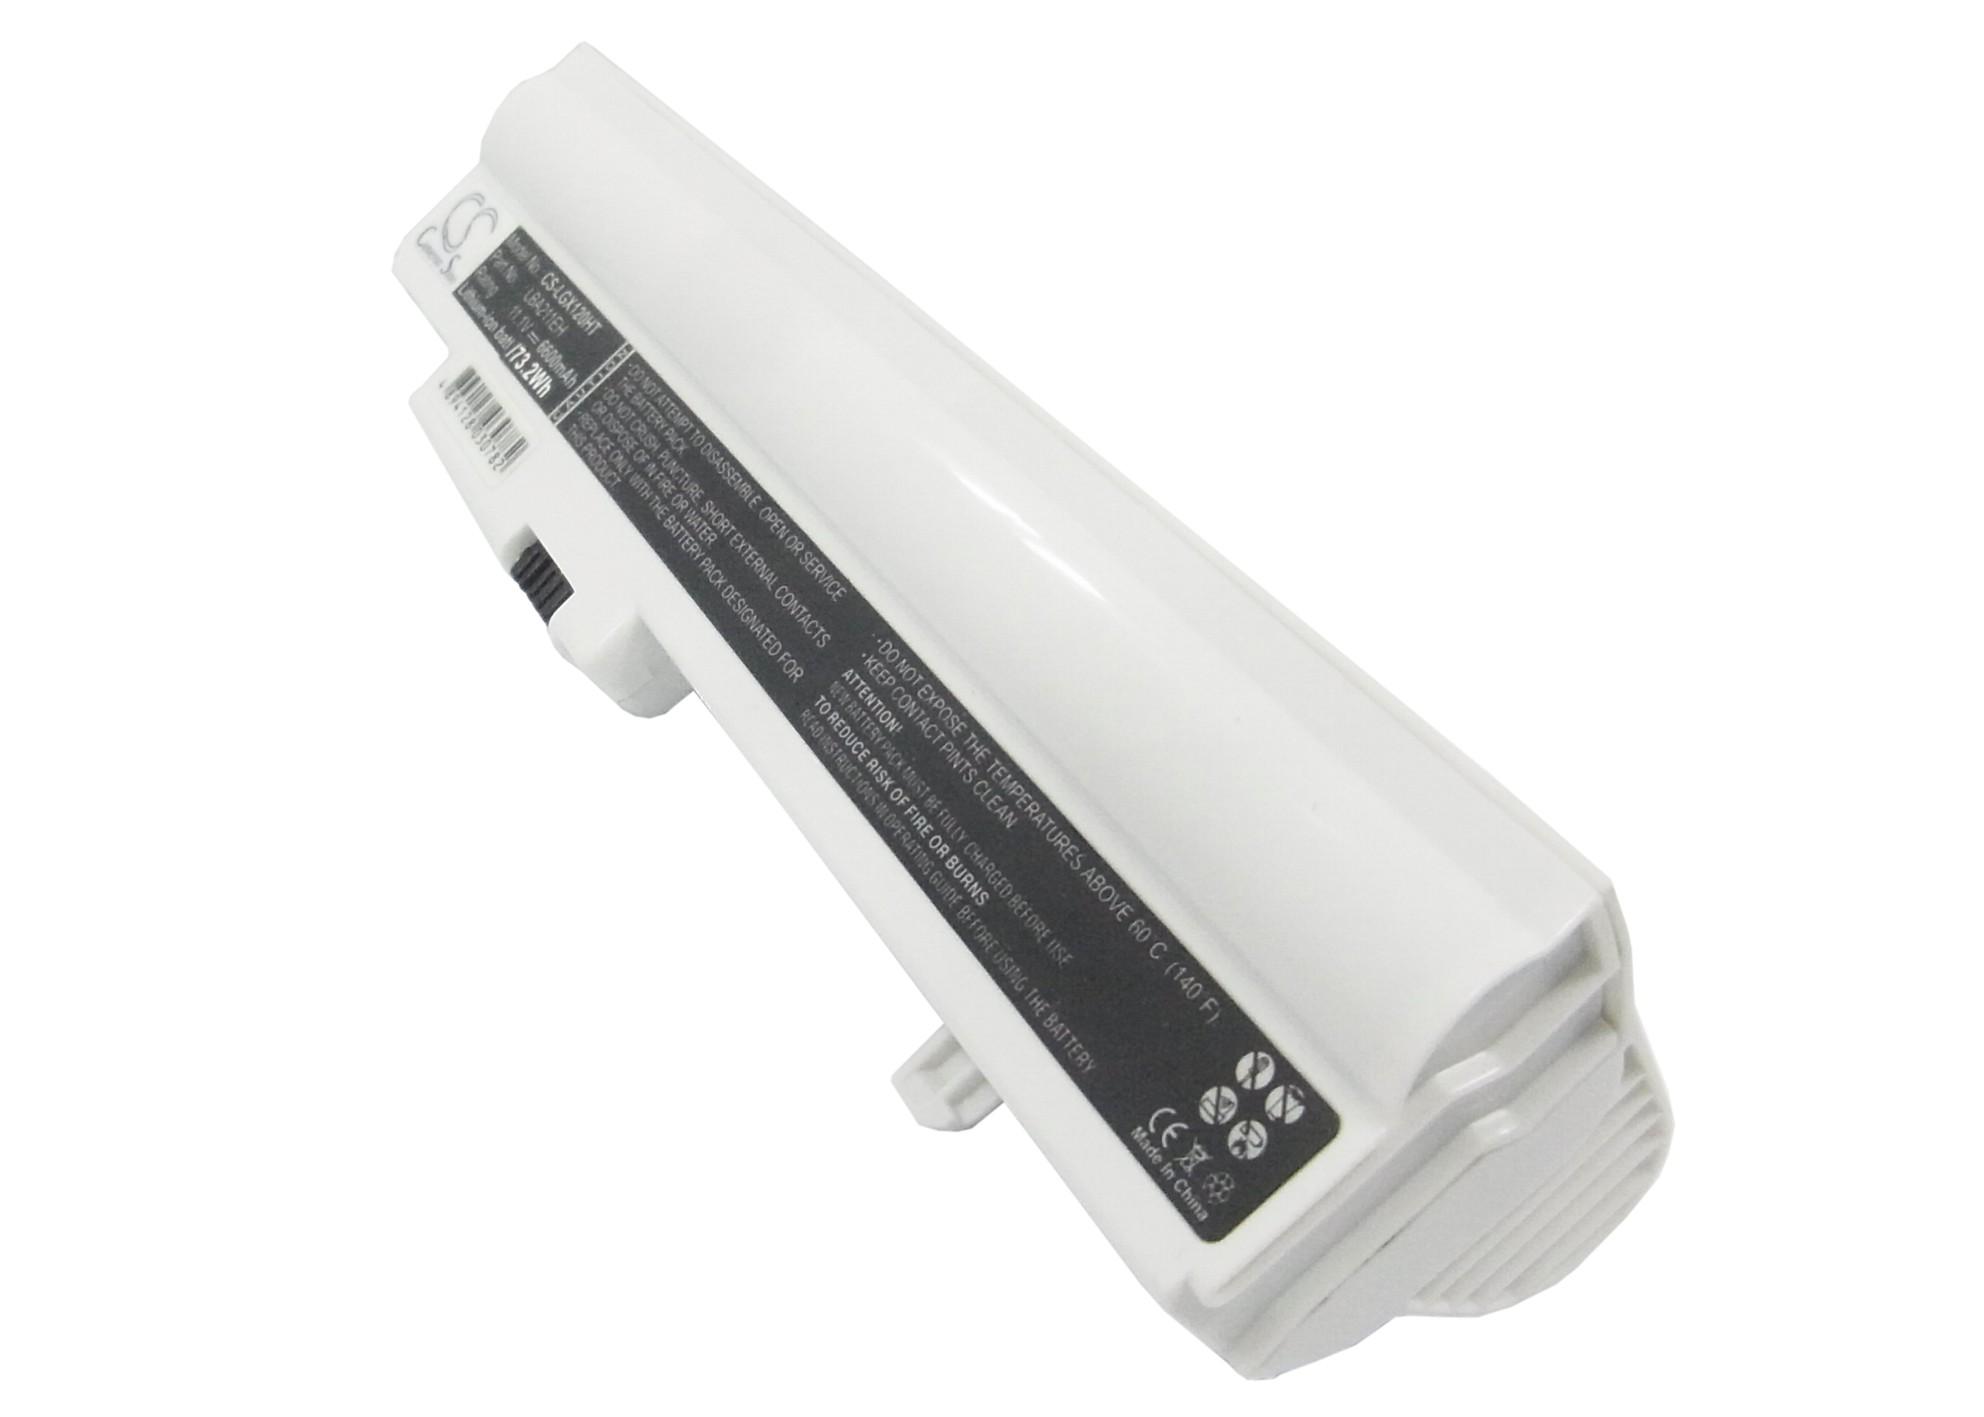 Cameron Sino baterie do netbooků pro LG X120-L 11.1V Li-ion 6600mAh bílá - neoriginální